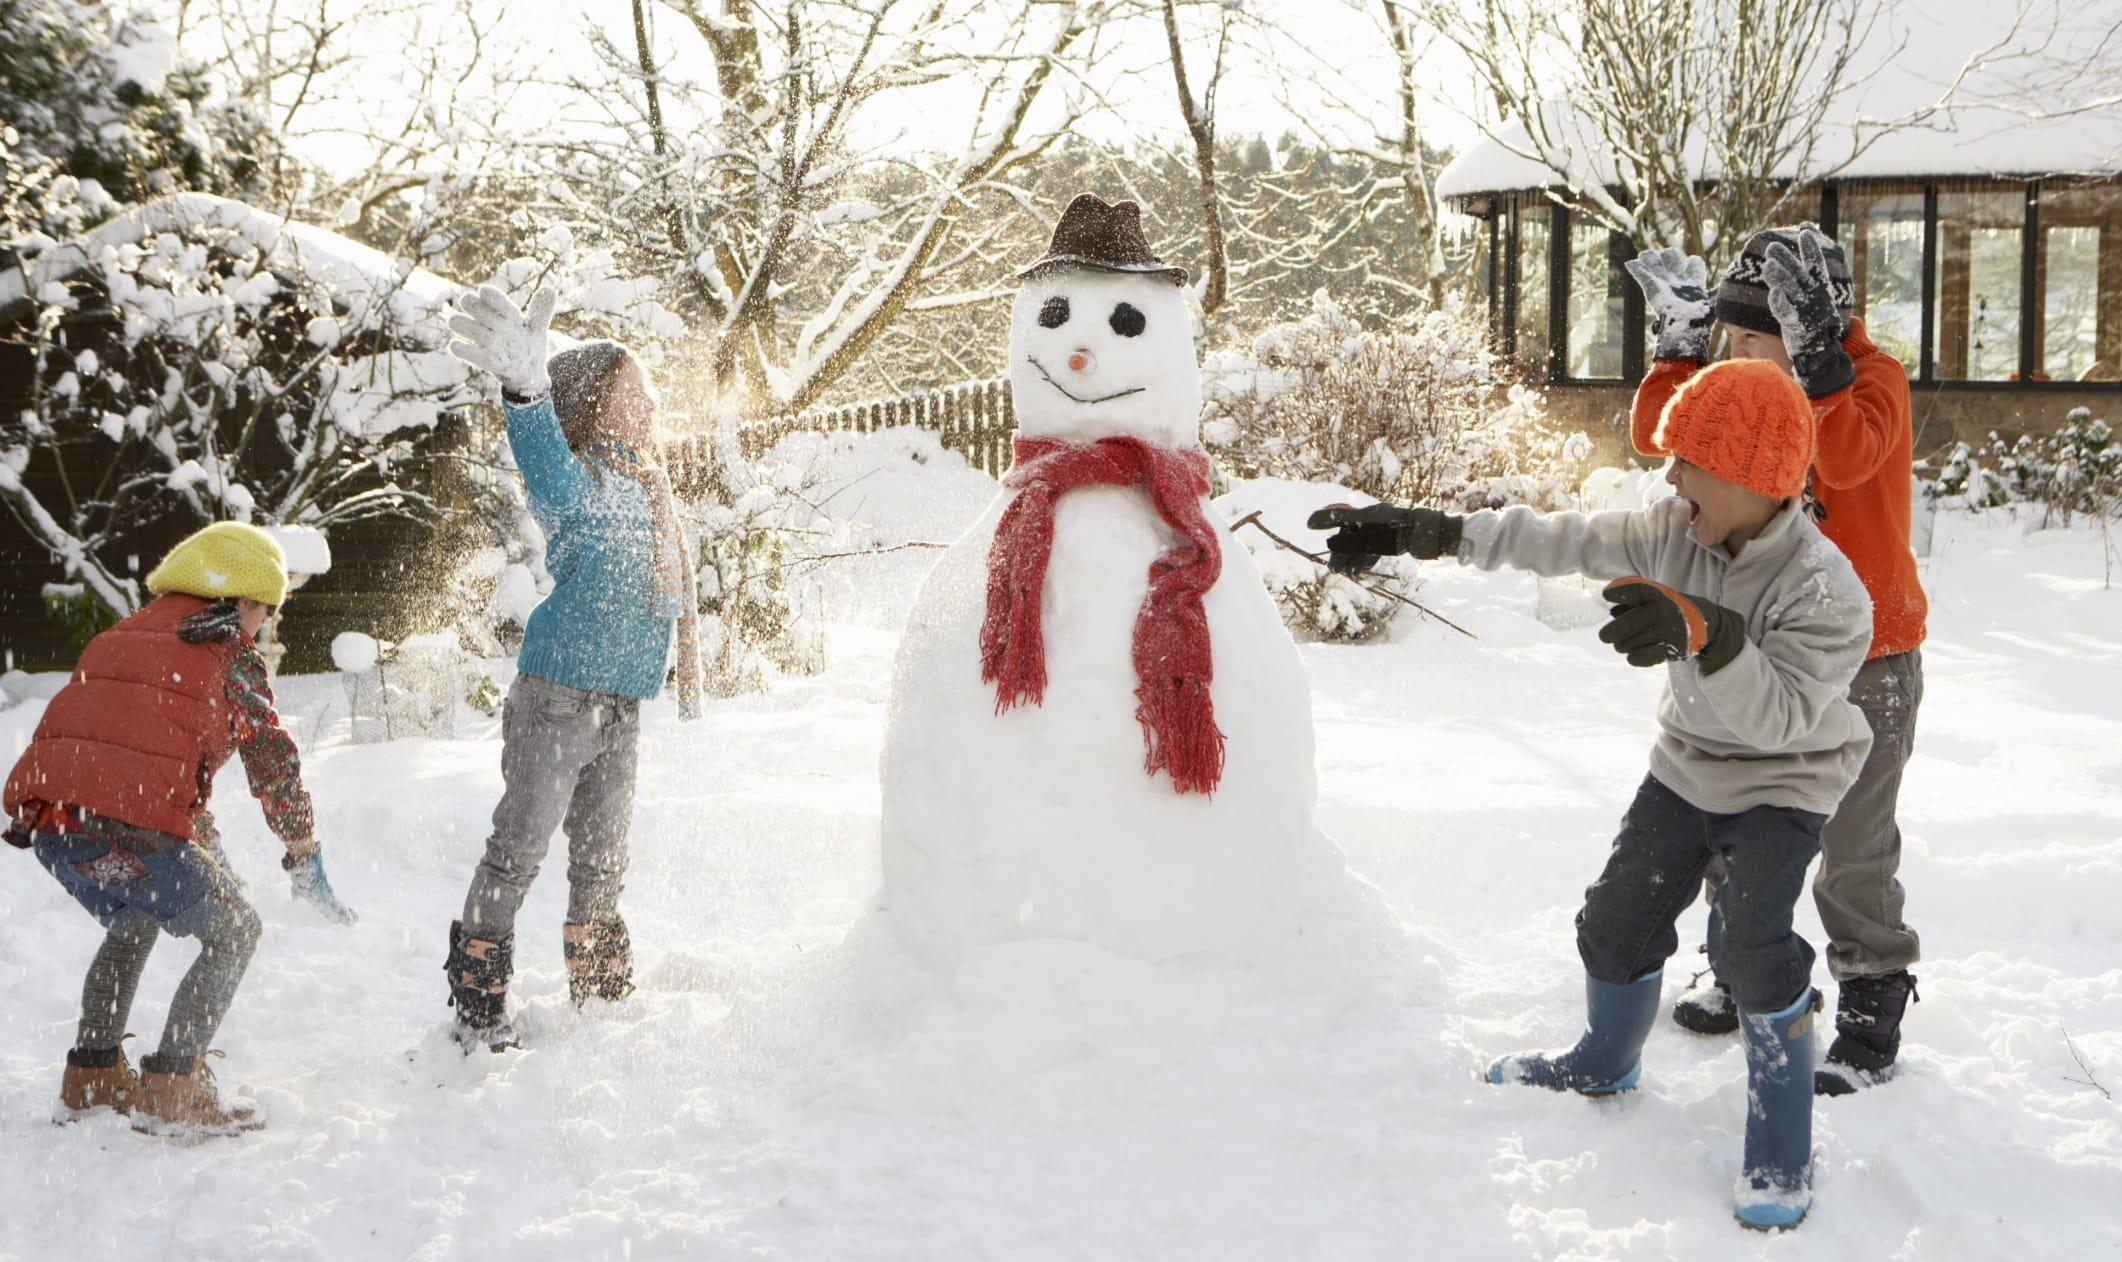 Come difendersi dal freddo, senza sprecare medicinali e solo con rimedi naturali